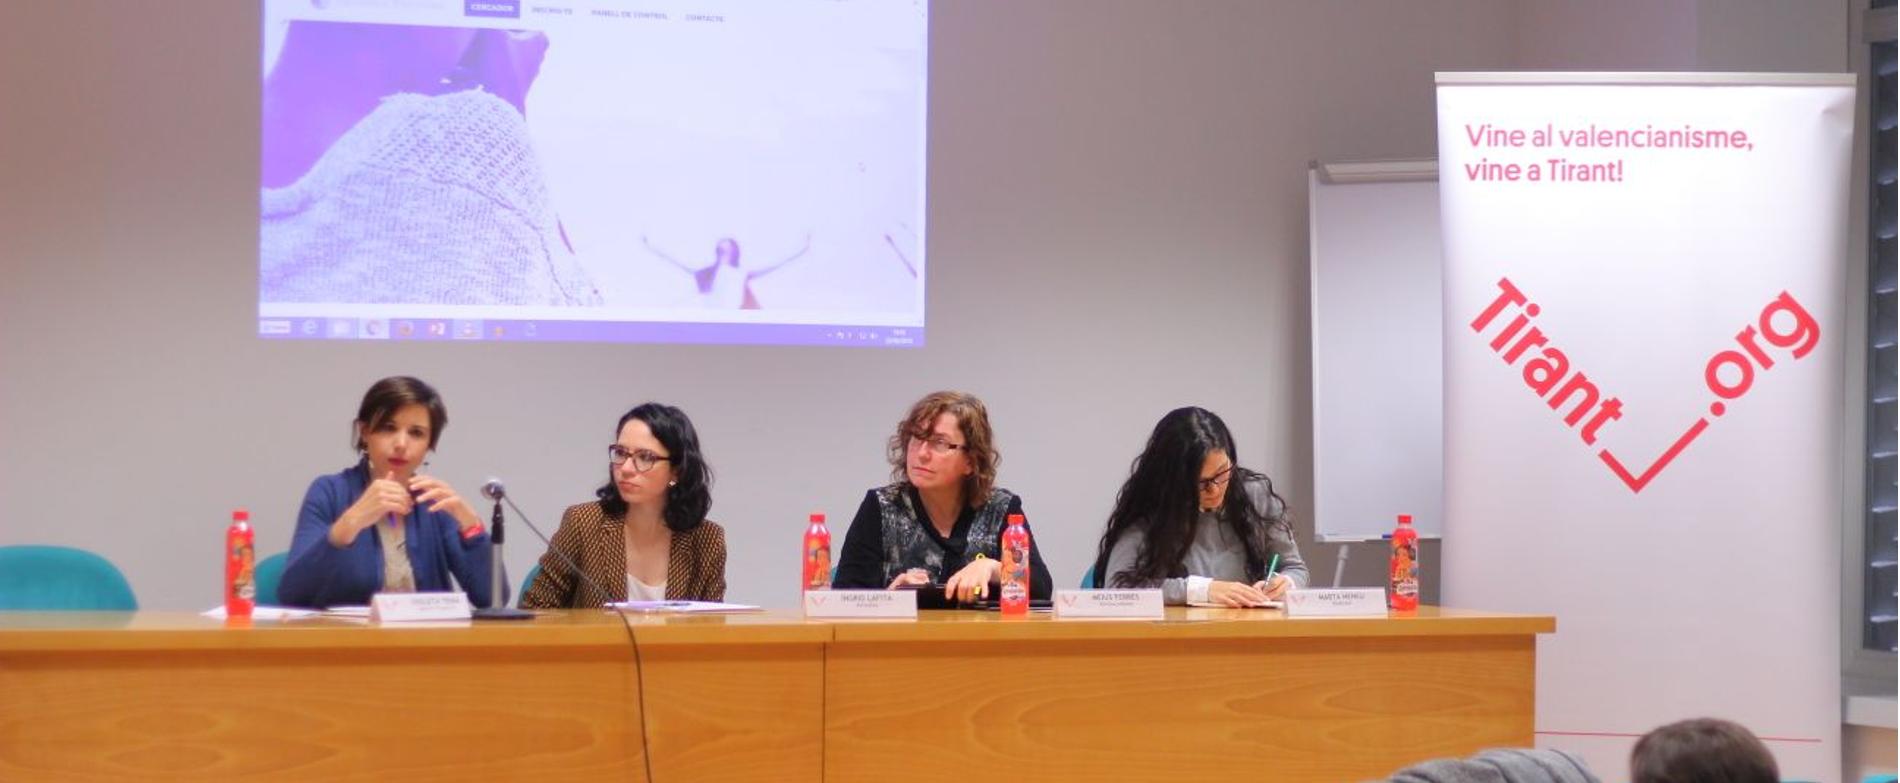 El Tirant debat sobre la presència i visibilitat de les dones als mitjans de comunicació i les xarxes socials